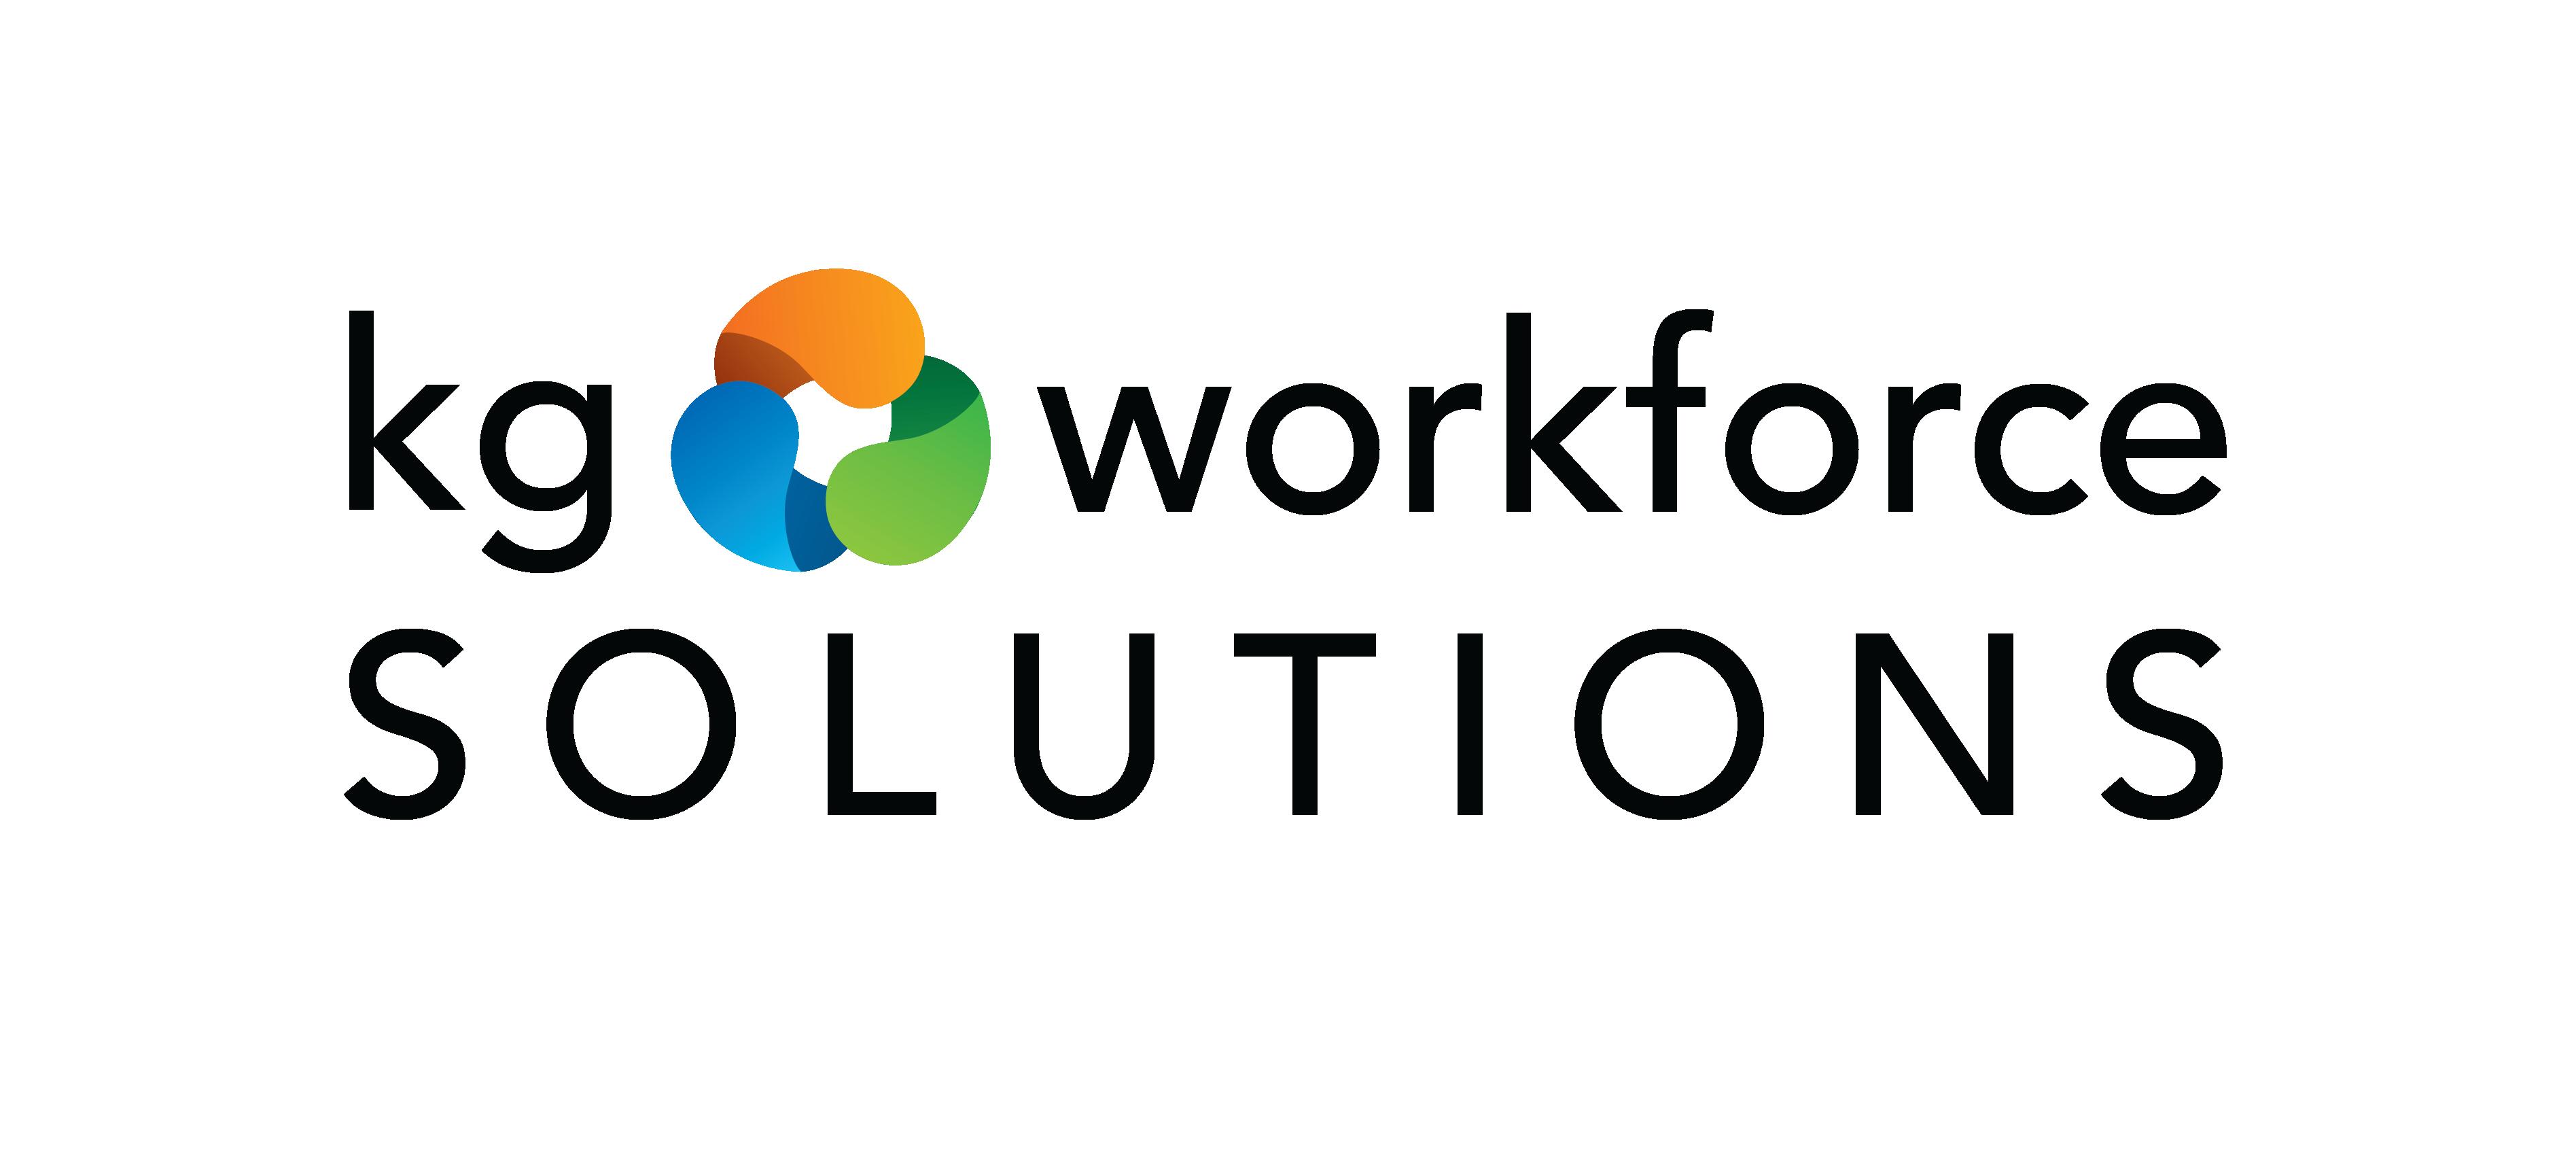 KG Workforce Solutions